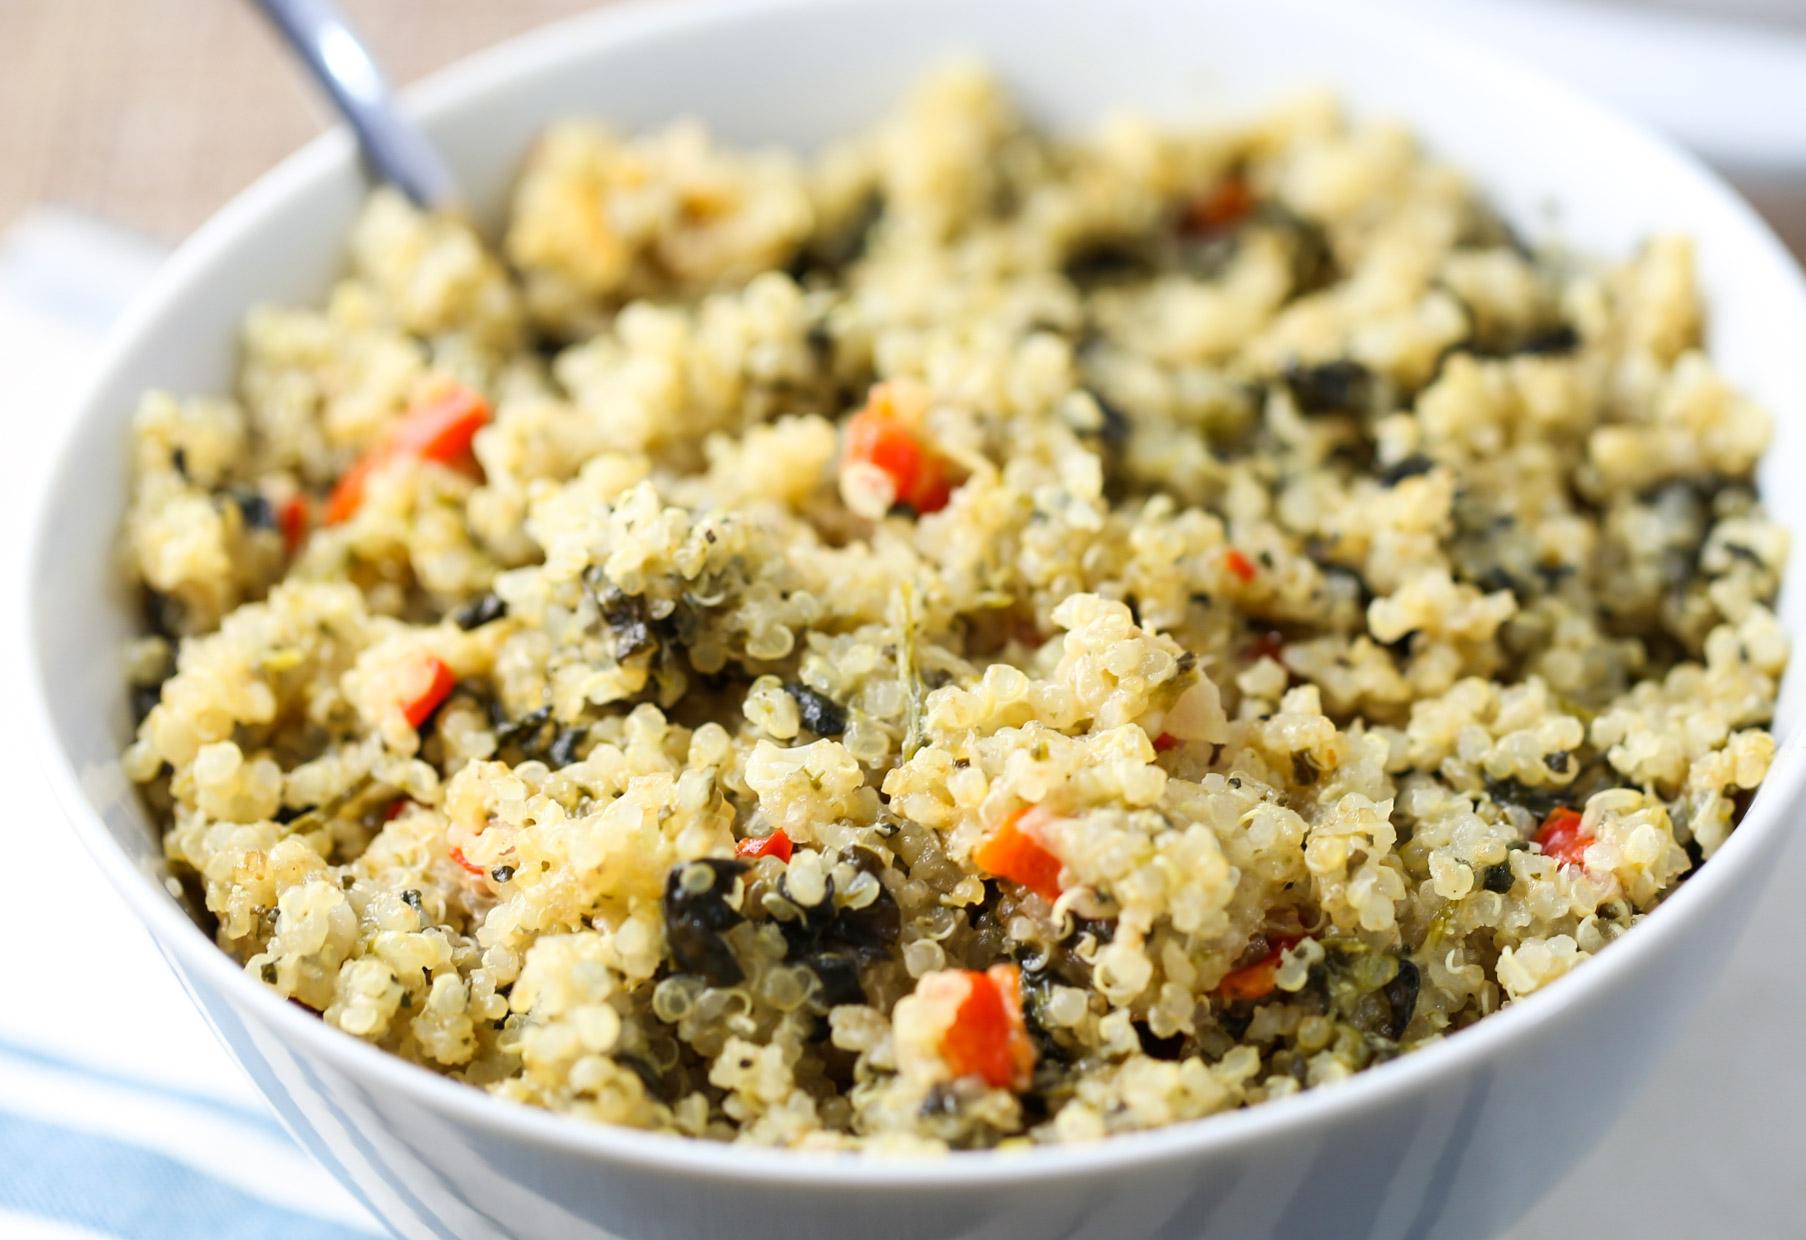 Spinach & Cheese Quinoa Casserole